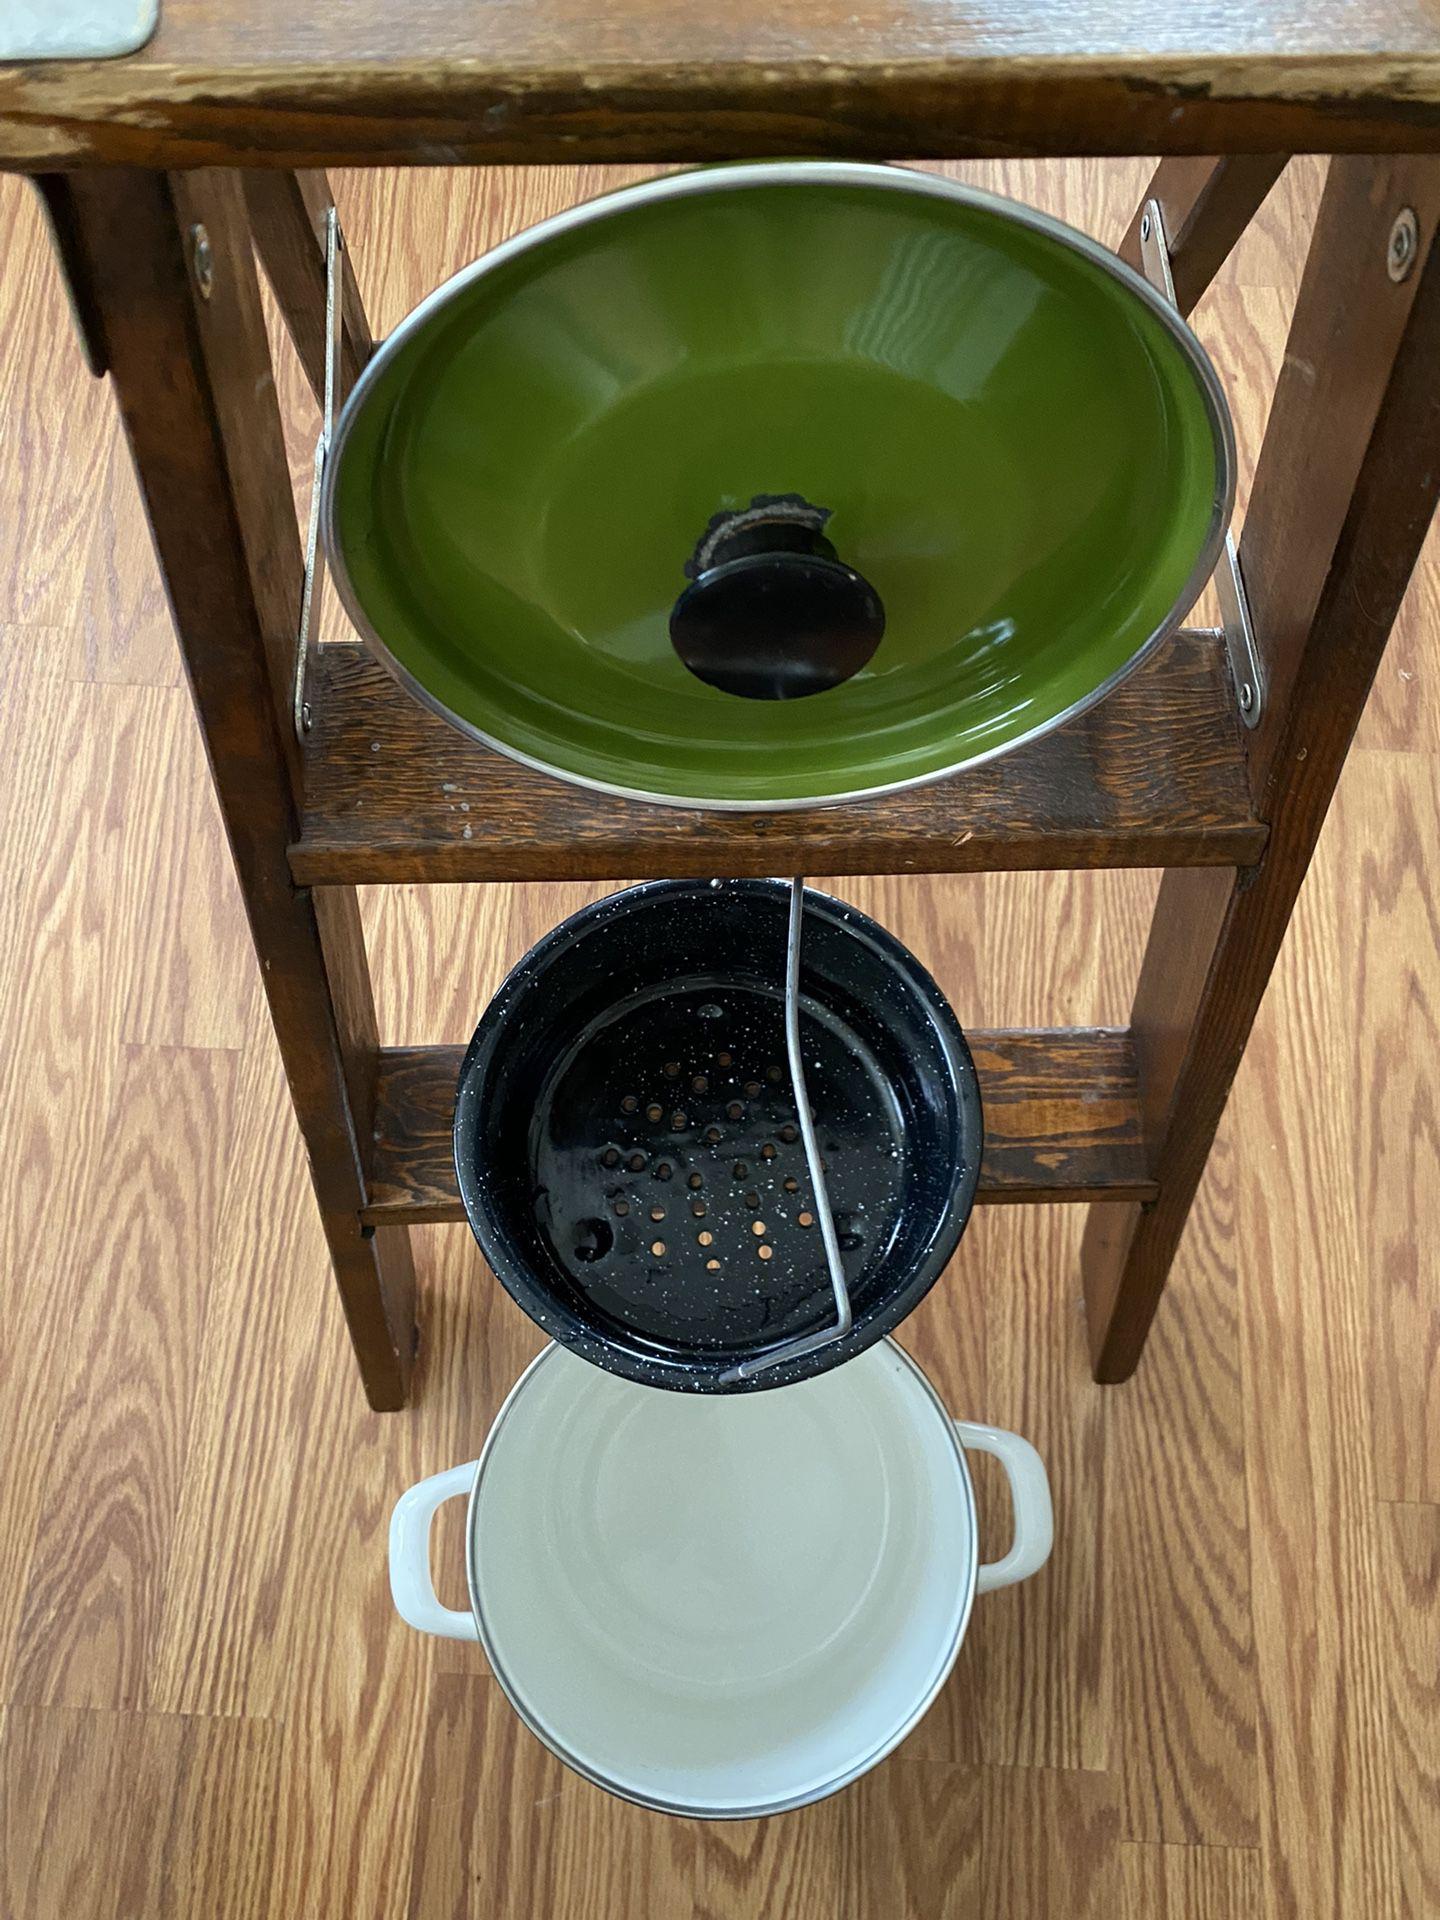 Vintage Steamer Pot & Strainer